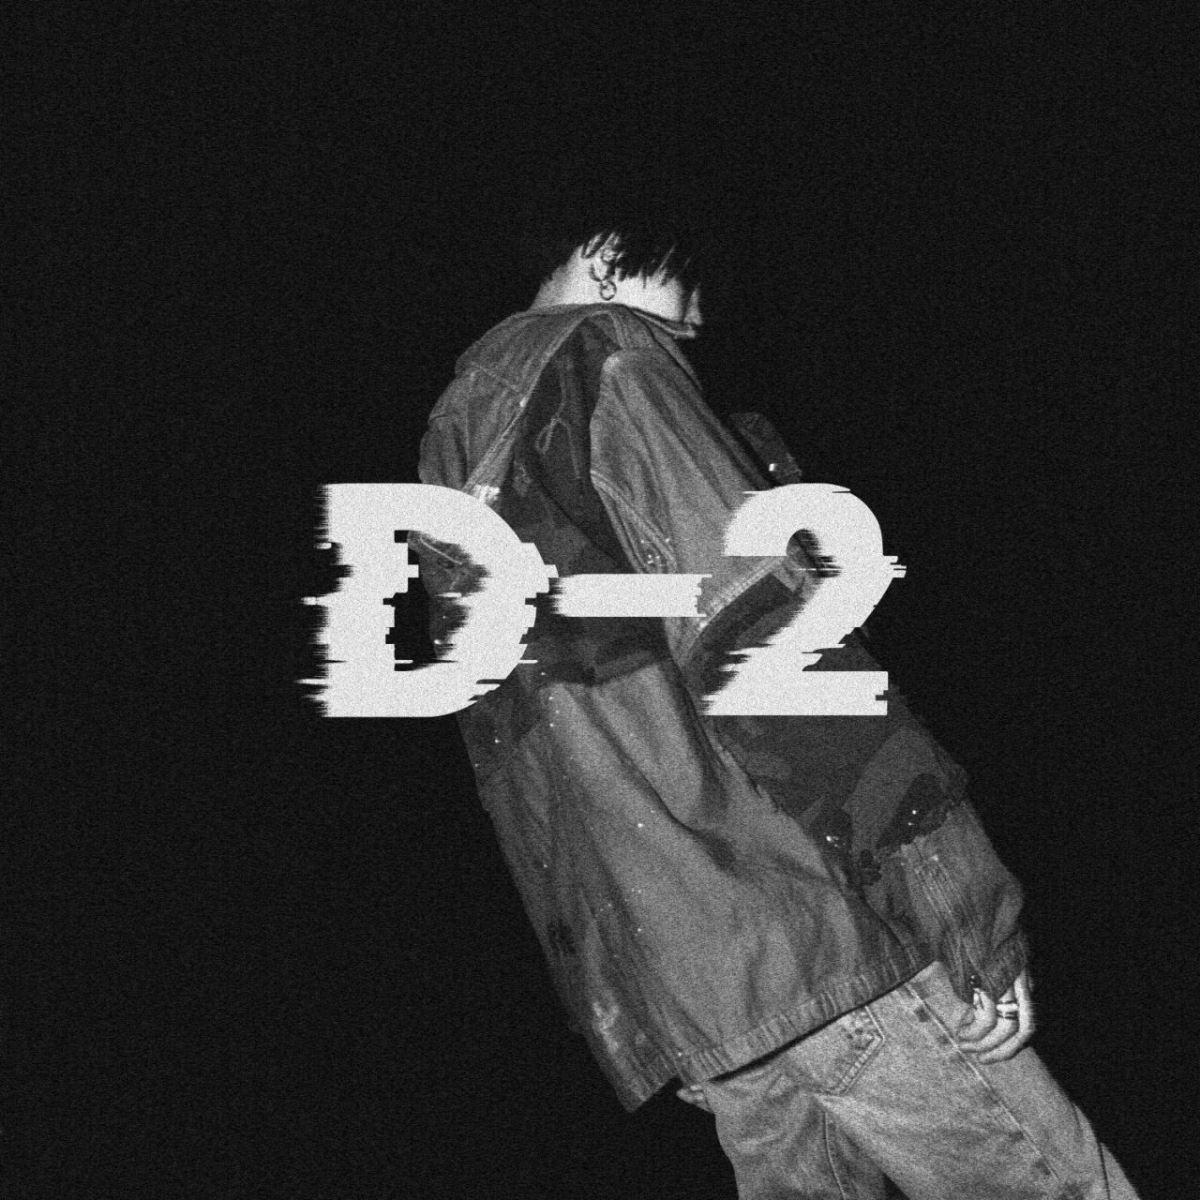 Suga BTS, Tinh thần đáng học tập trong 'Daechwita' của Suga, bts, Agust D, Agust D đã phát hành D-2, ca khúc Daechwita, Daechwita